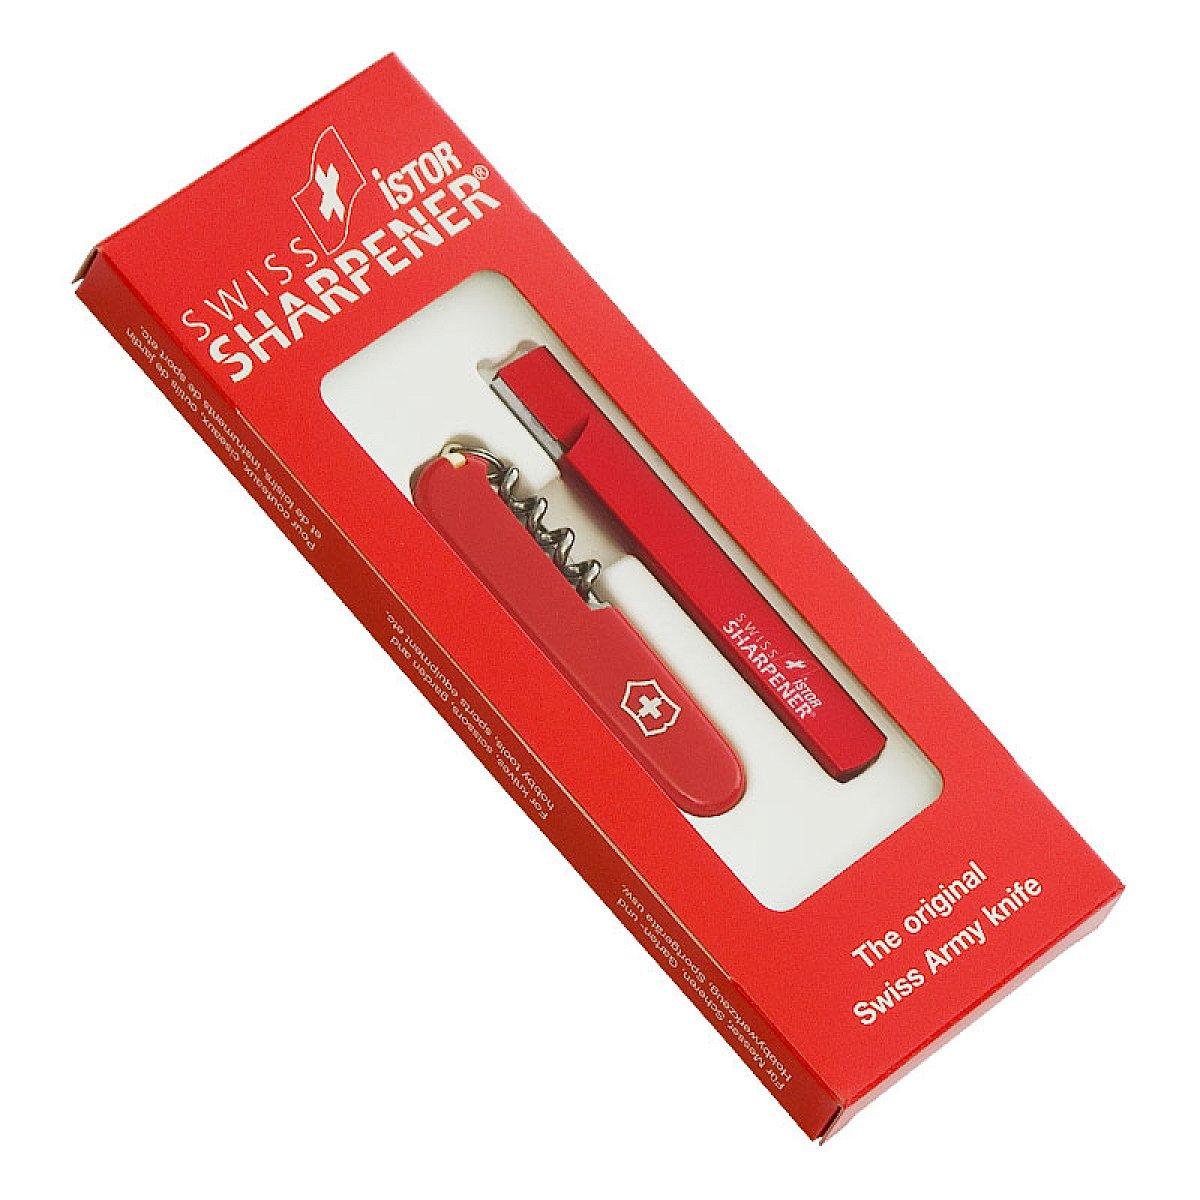 Sharp gift set - Victorinox pocket knife with knife sharpener